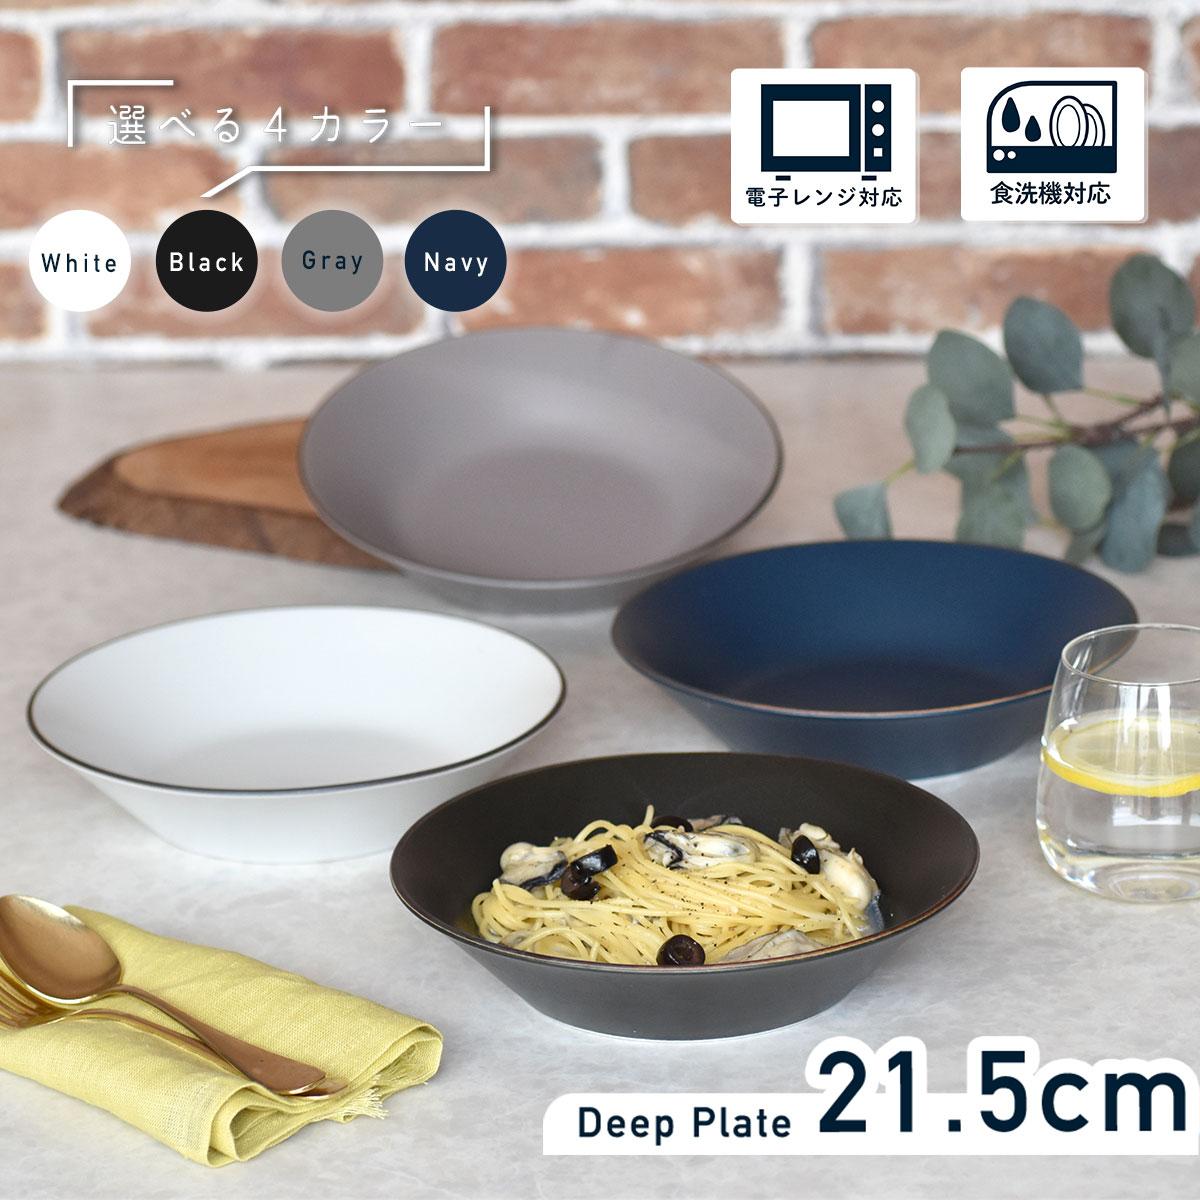 SNS映えといえば、このシリーズ。お家で簡単カフェ空間作り。 日常使いにも、特別な日にも。 美濃焼/陶器/お洒落/贈り物/プレゼント 見谷陶器 みたにとうき 【300円OFFクーポン】 深皿 カレー皿 食器 slash 洋食器 大皿 ディーププレート ワンプレート ディナープレート パスタ皿 メイン皿 モダン 料理 日本食 器 雑貨 美濃焼 国産 おしゃれ カフェ風 おうちカフェ シンプル 電子レンジ/食洗器対応 口径21.5cm×高さ4.8cm